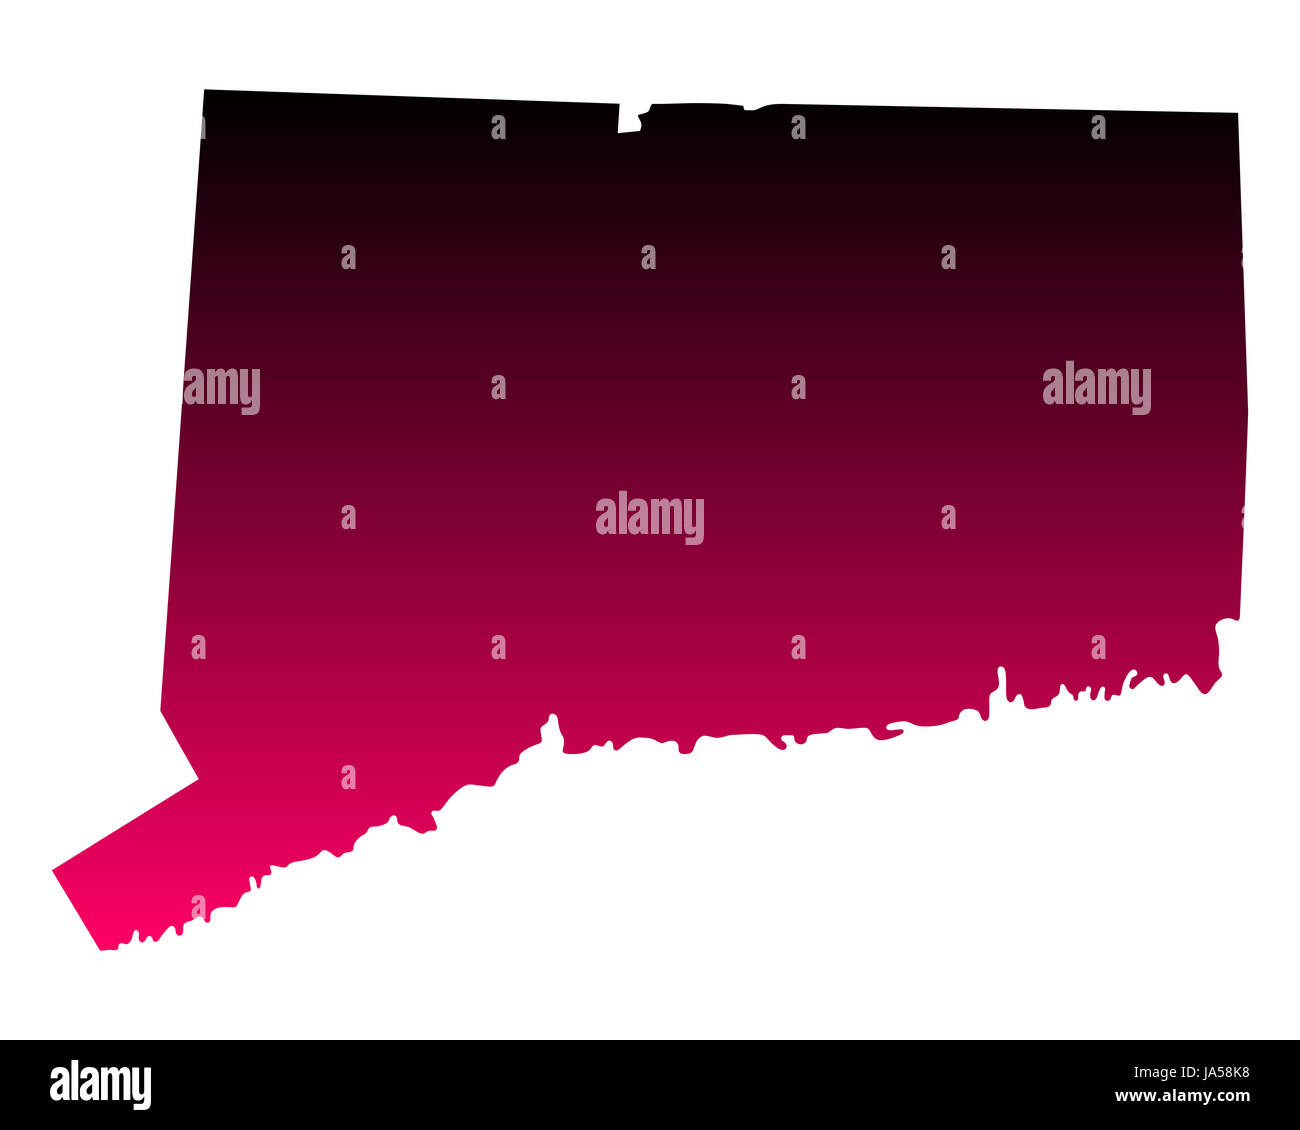 Karte von Connecticut - Stock Image